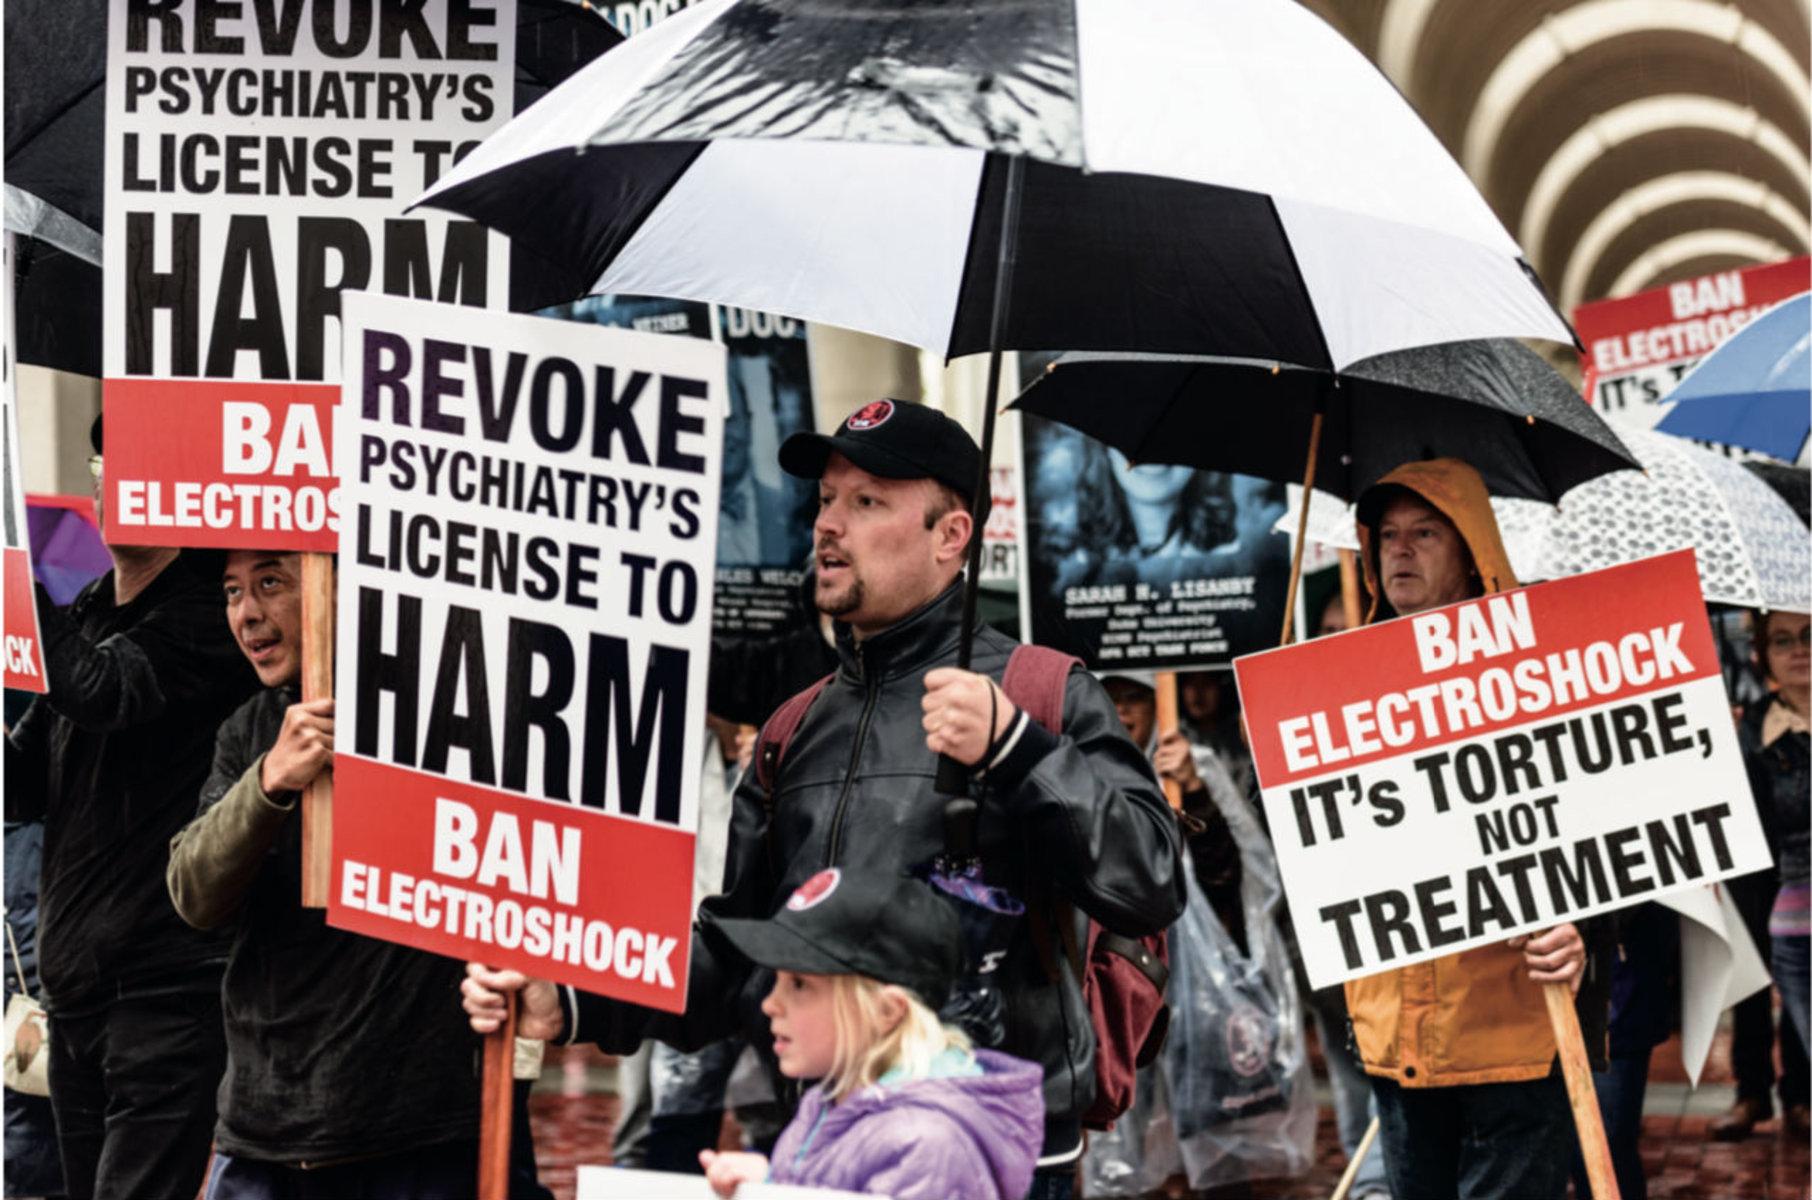 Des manifestants en colère exigent l'arrêt immédiat des électrochocs